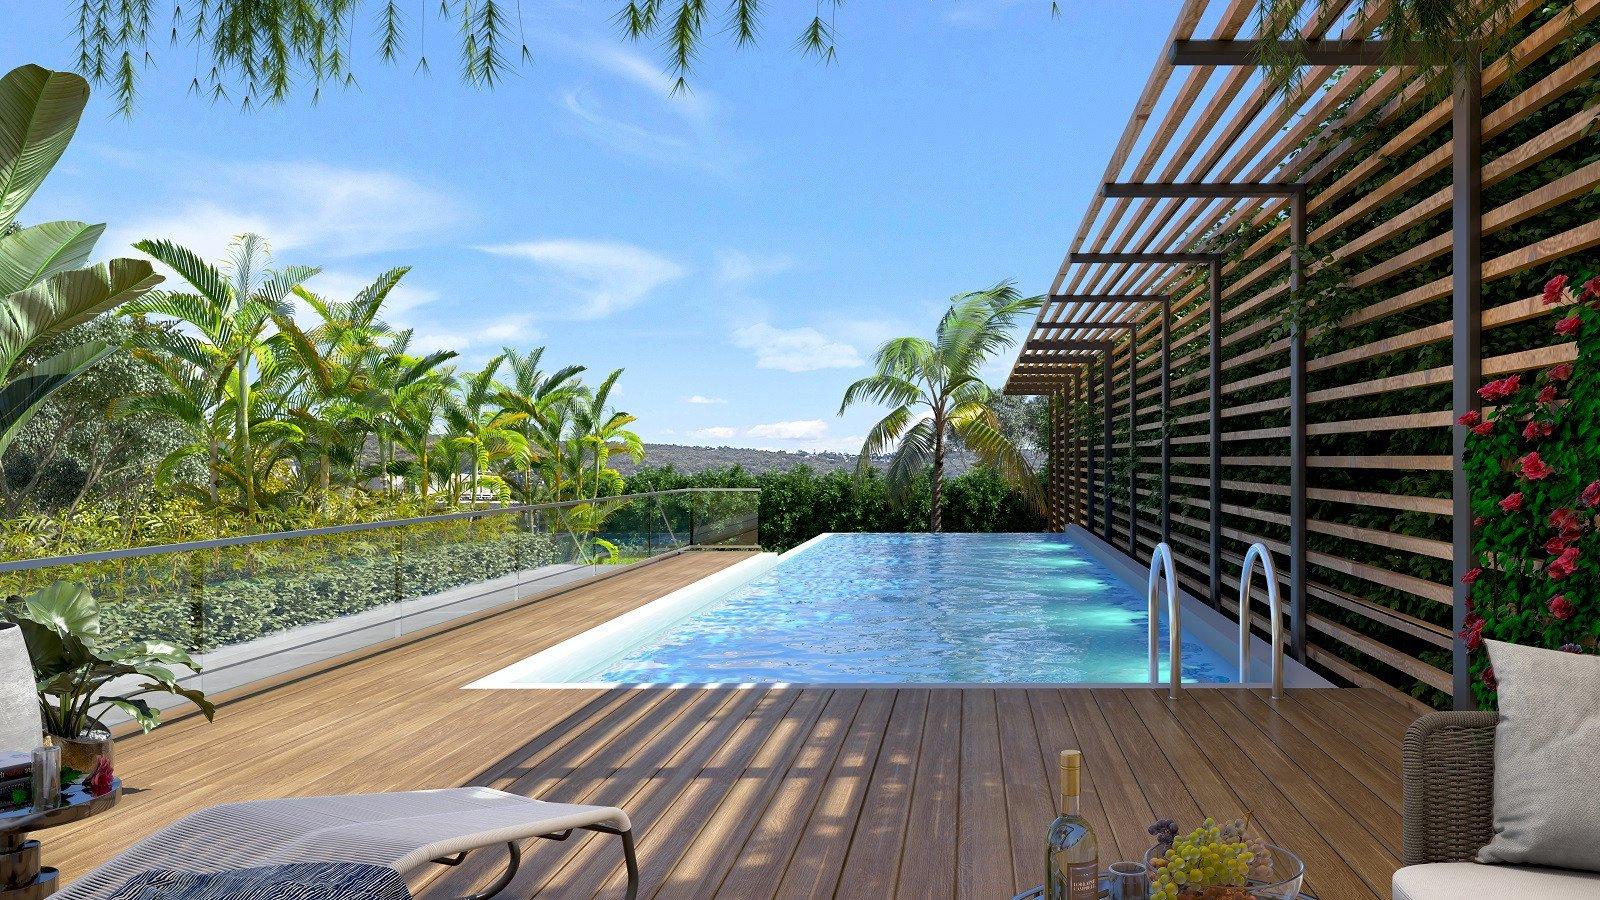 Azure Apartments-image-1